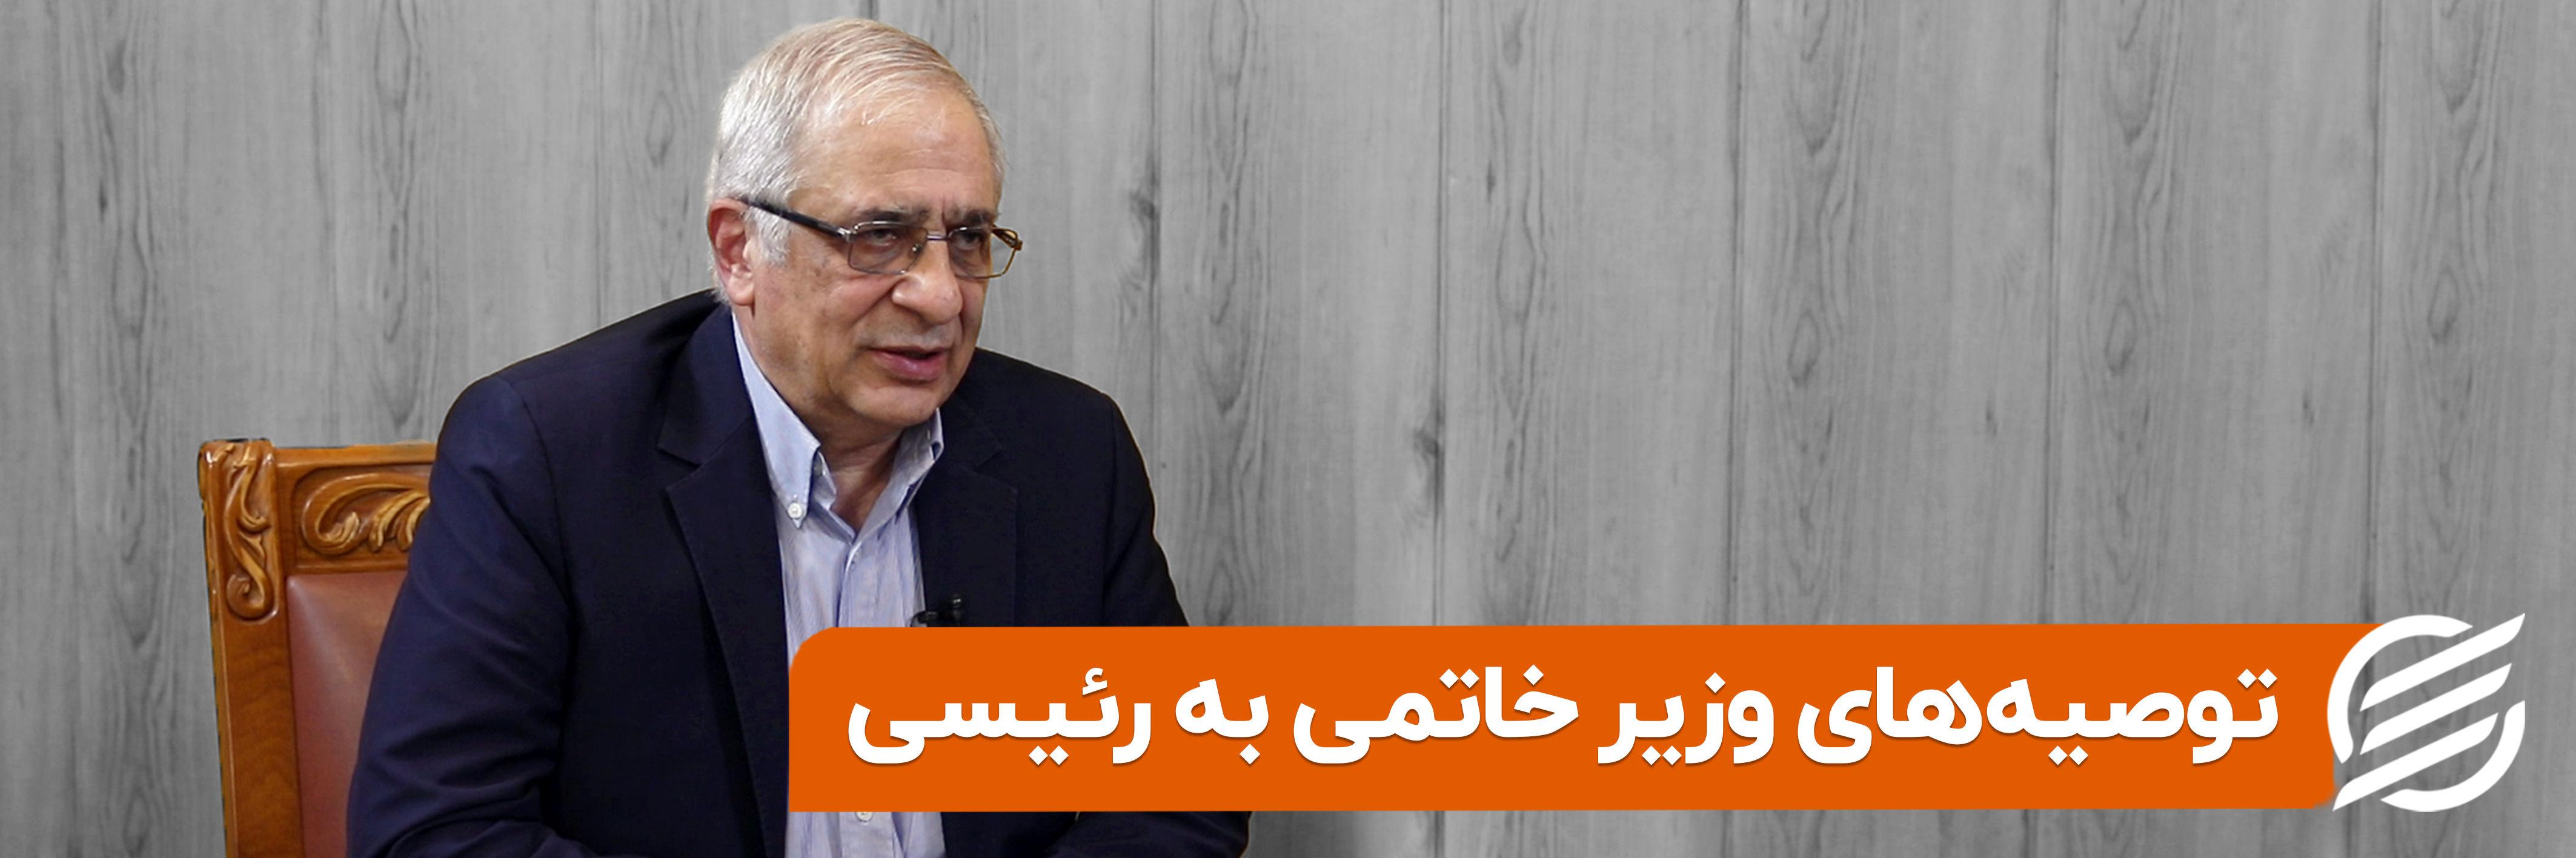 اسلایدر توصیه های وزیر خاتمی به رئیسی